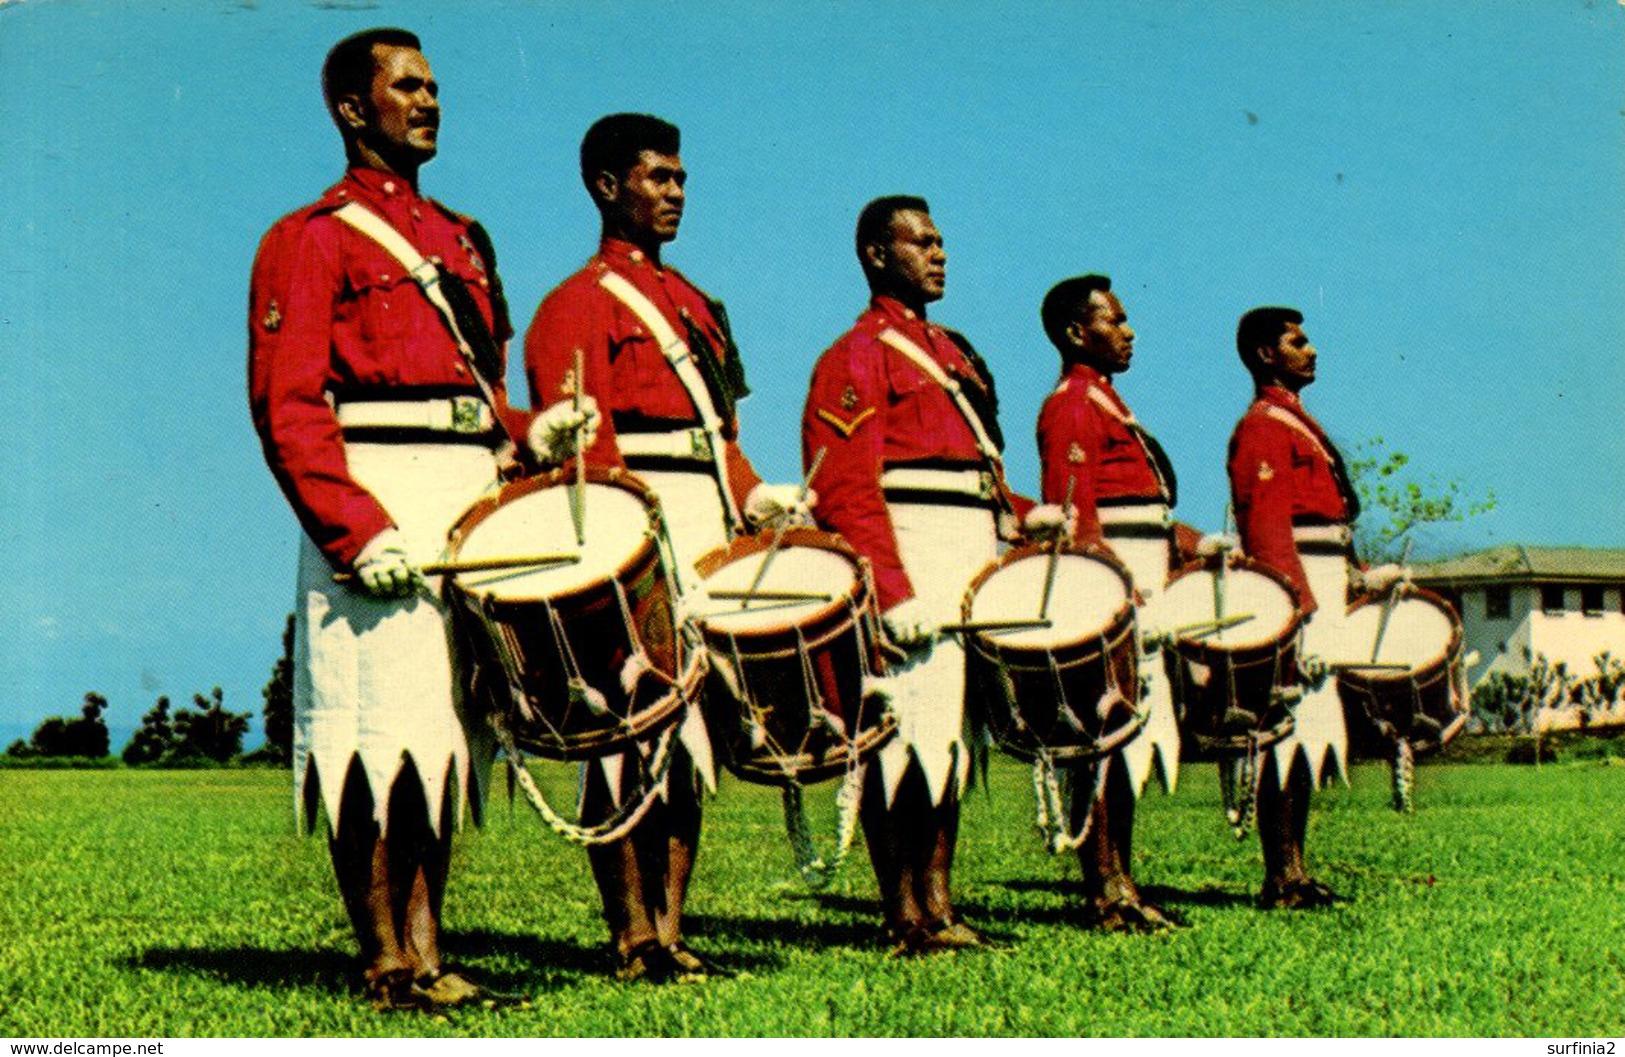 FIJI - DRUMMERS - PROBABLY 1960s - Figi